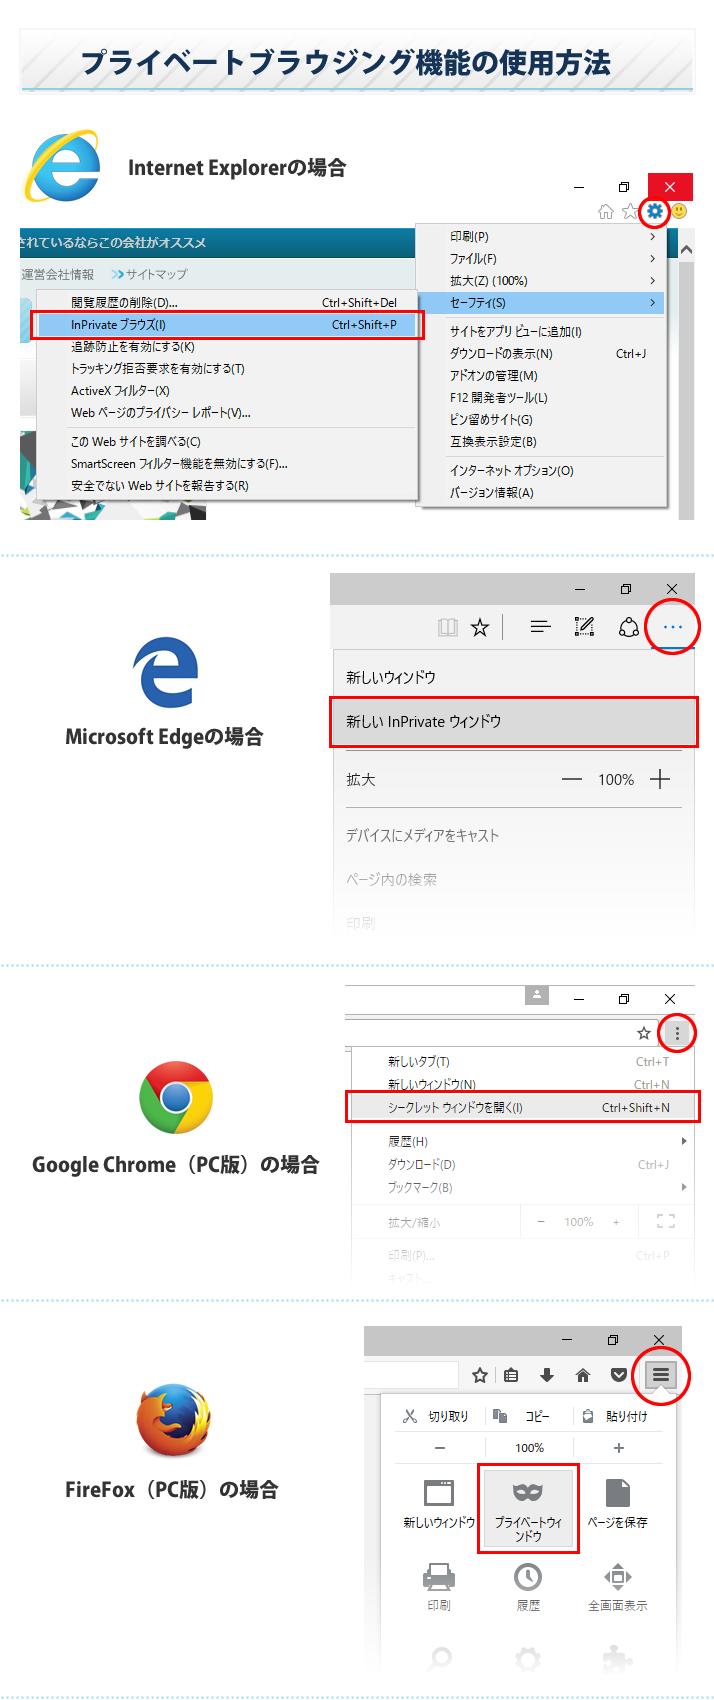 プライベートブラウジング機能の使用方法 Internet Explorerの場合 Microsoft Edgeの場合 Google Chrome(PC版)の場合 FireFox(PC版)の場合